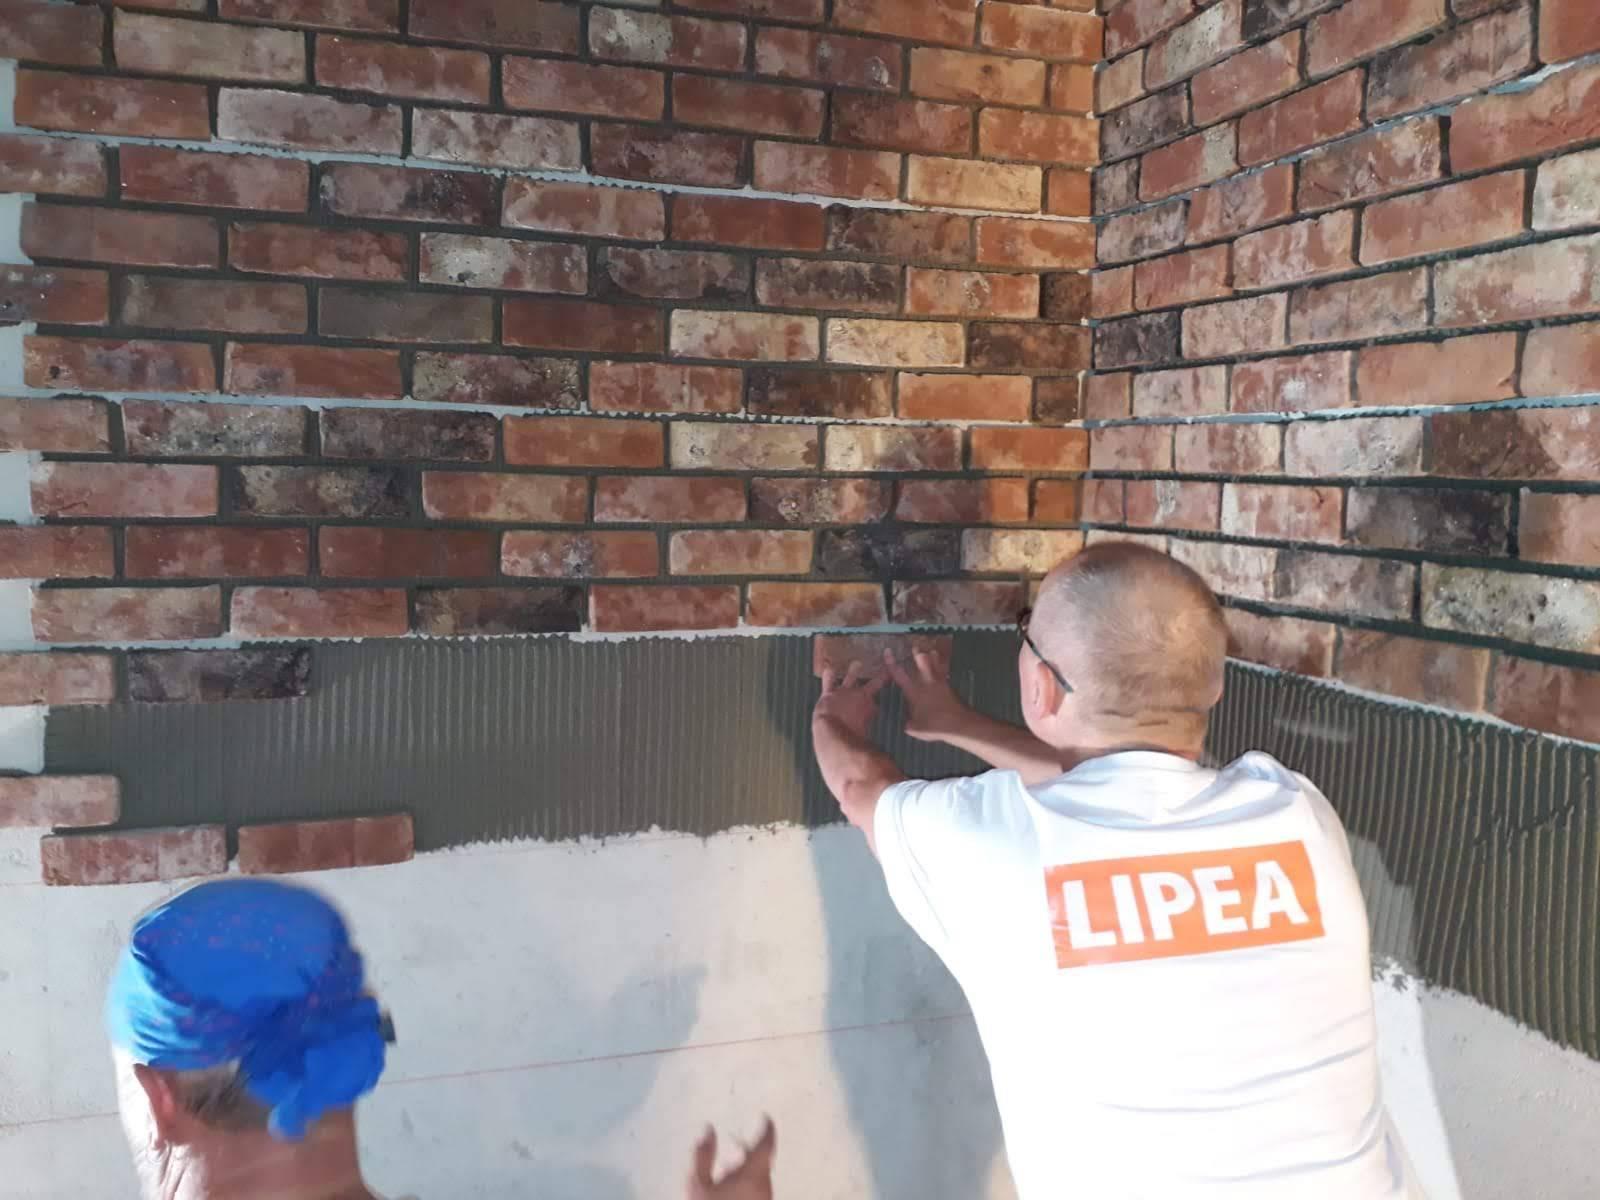 LIPEA - lepení a spárování cihlových pásků/ montáž lícového zdiva